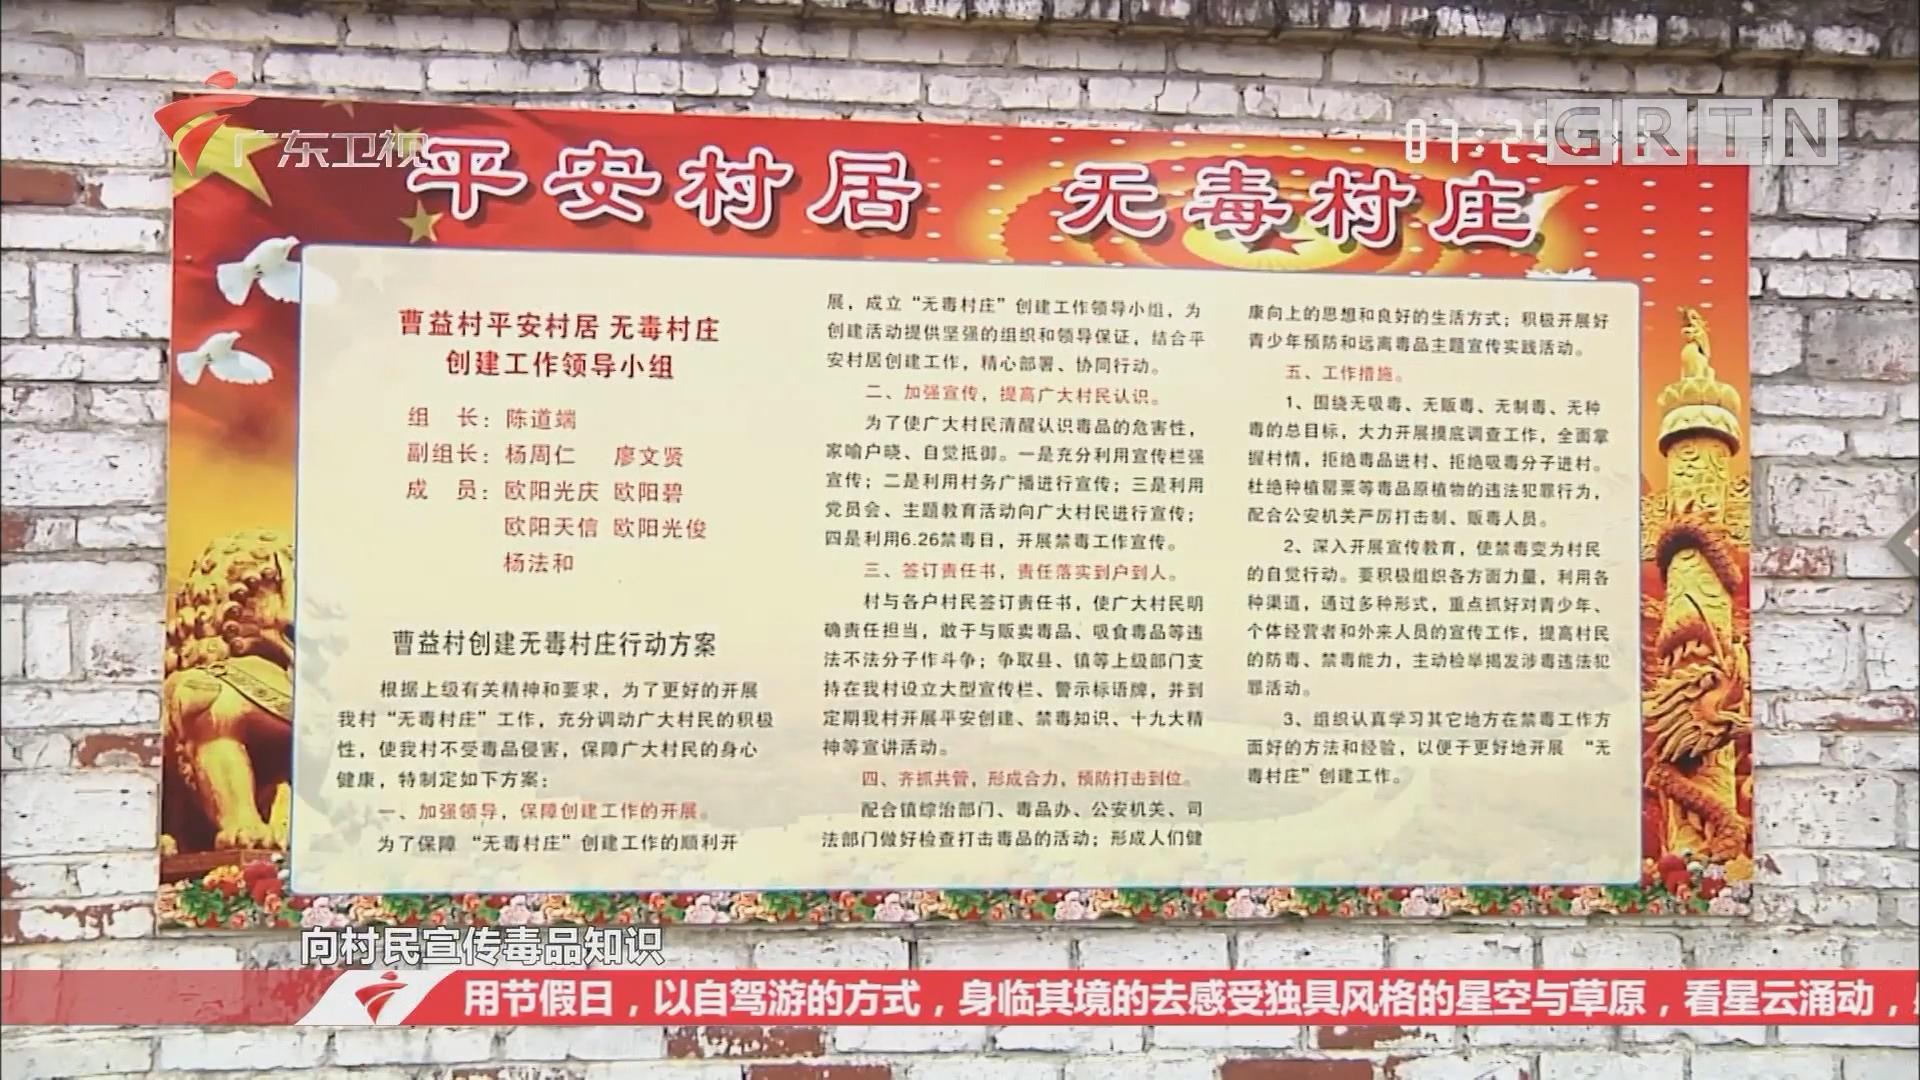 湛江:徐闻县建设美丽乡村 打造无毒村庄